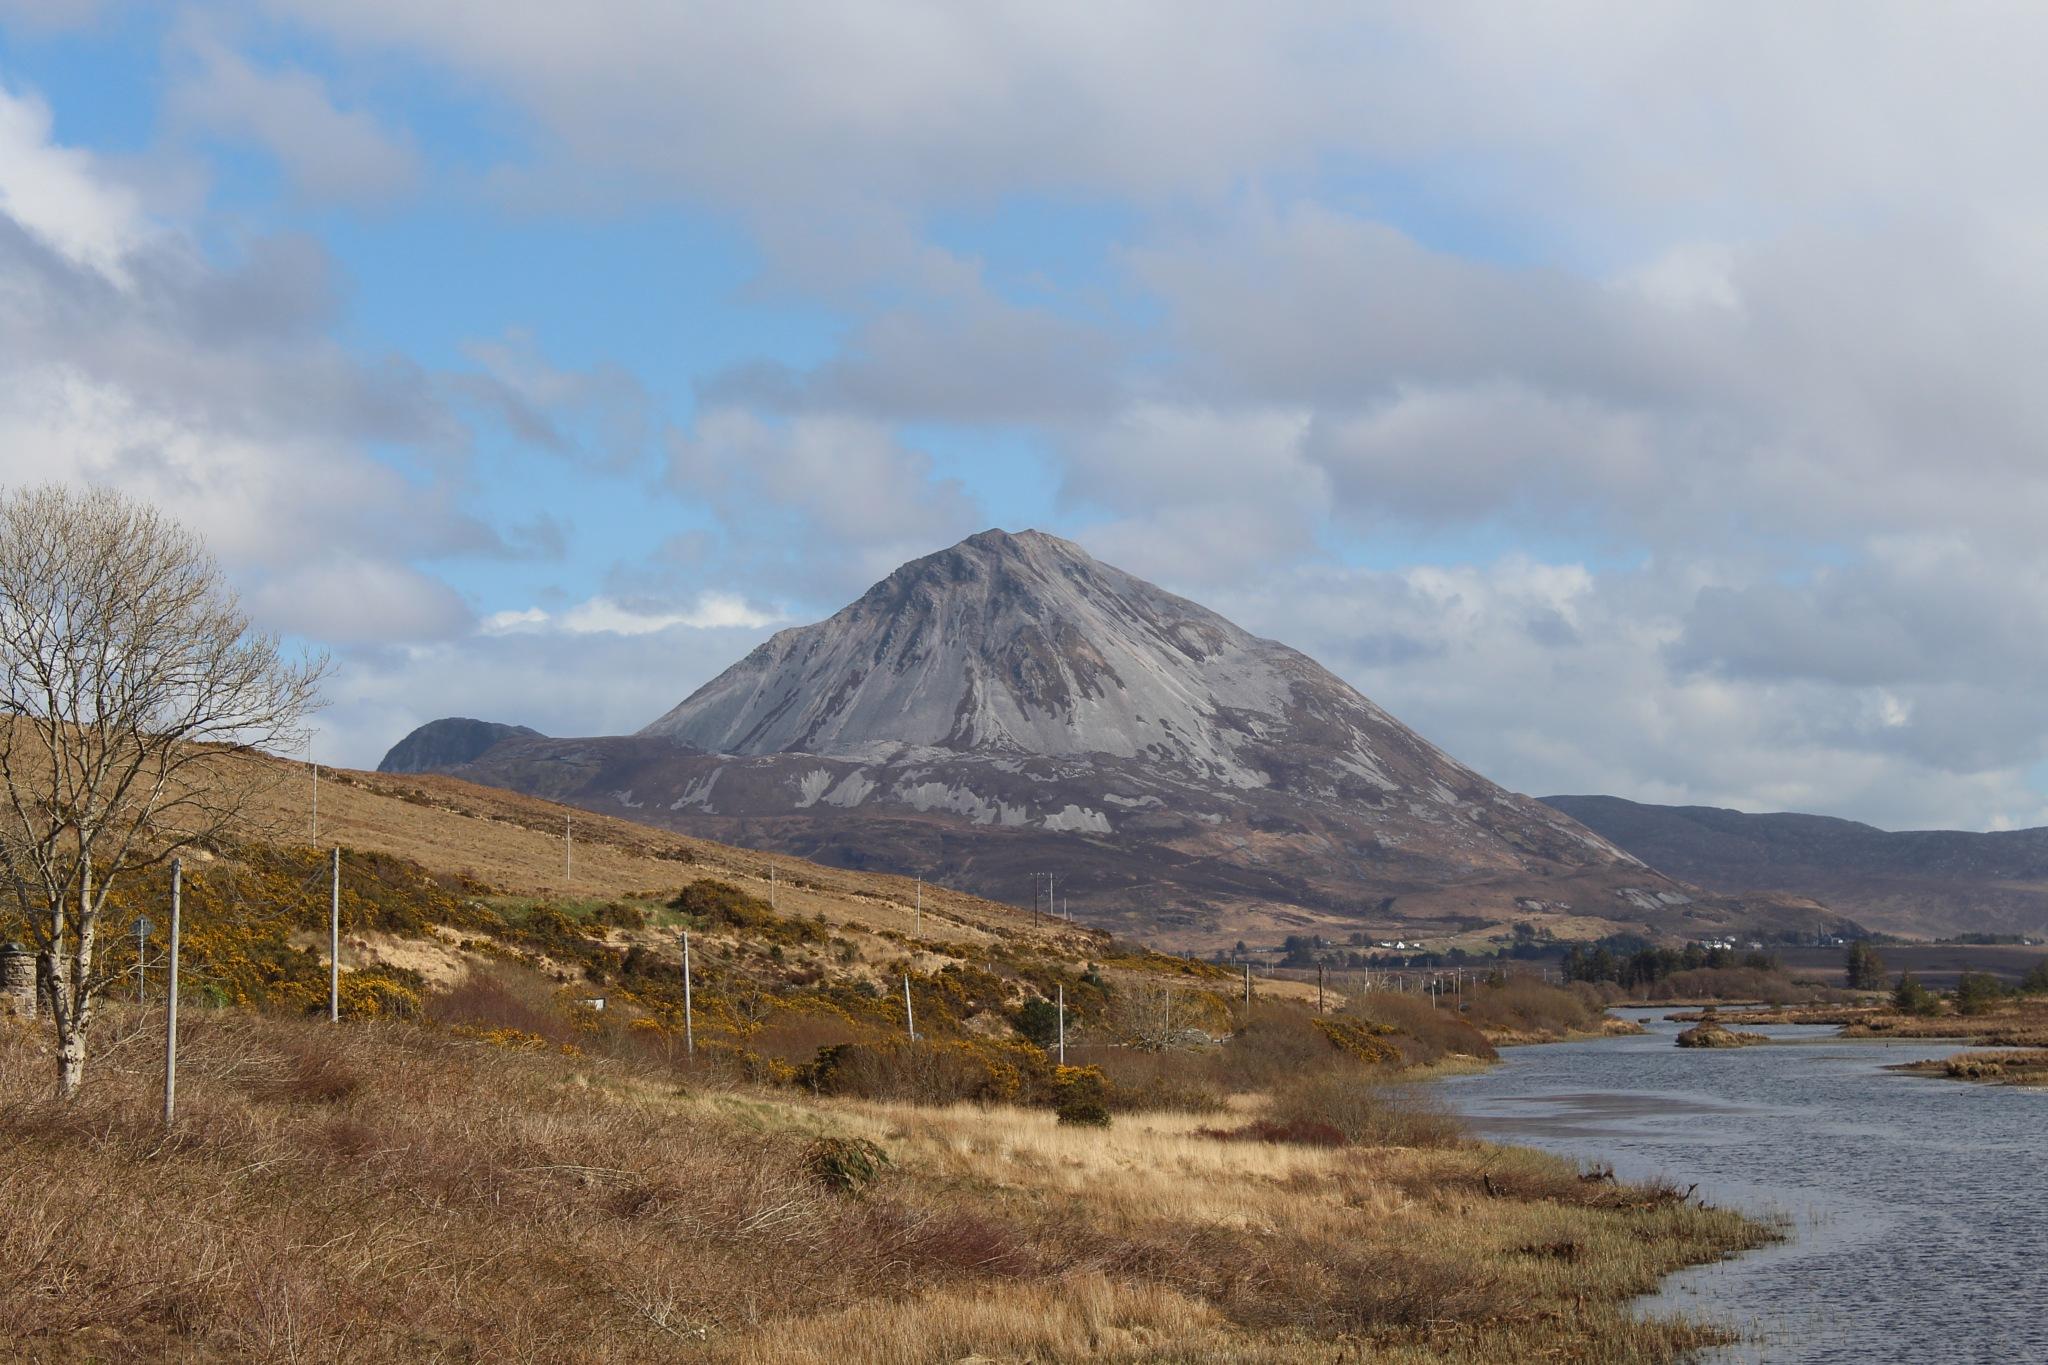 Mount Errigal by FrankieS